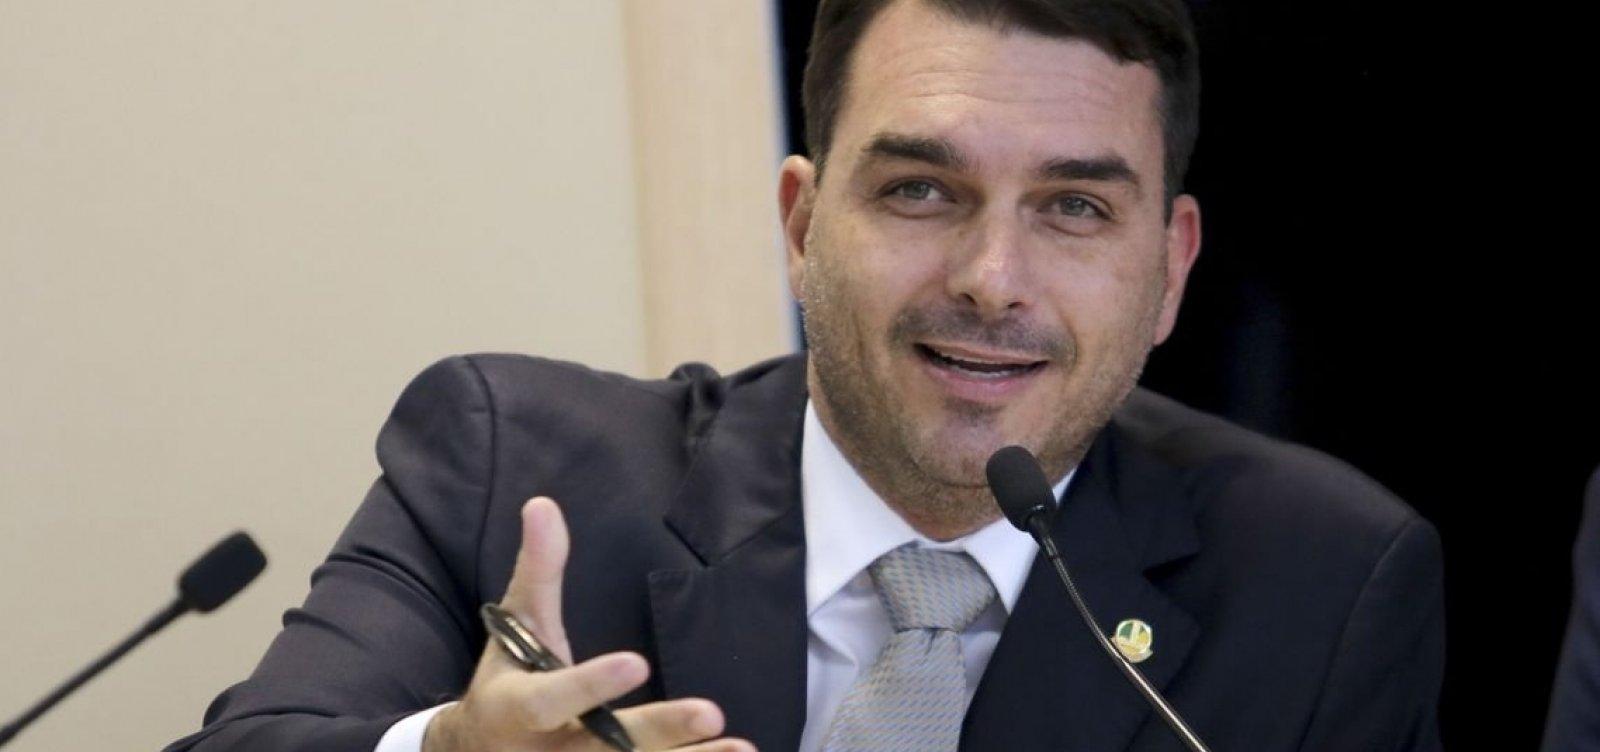 Flávio Bolsonaro dá versões falsas sobre extrato bancário